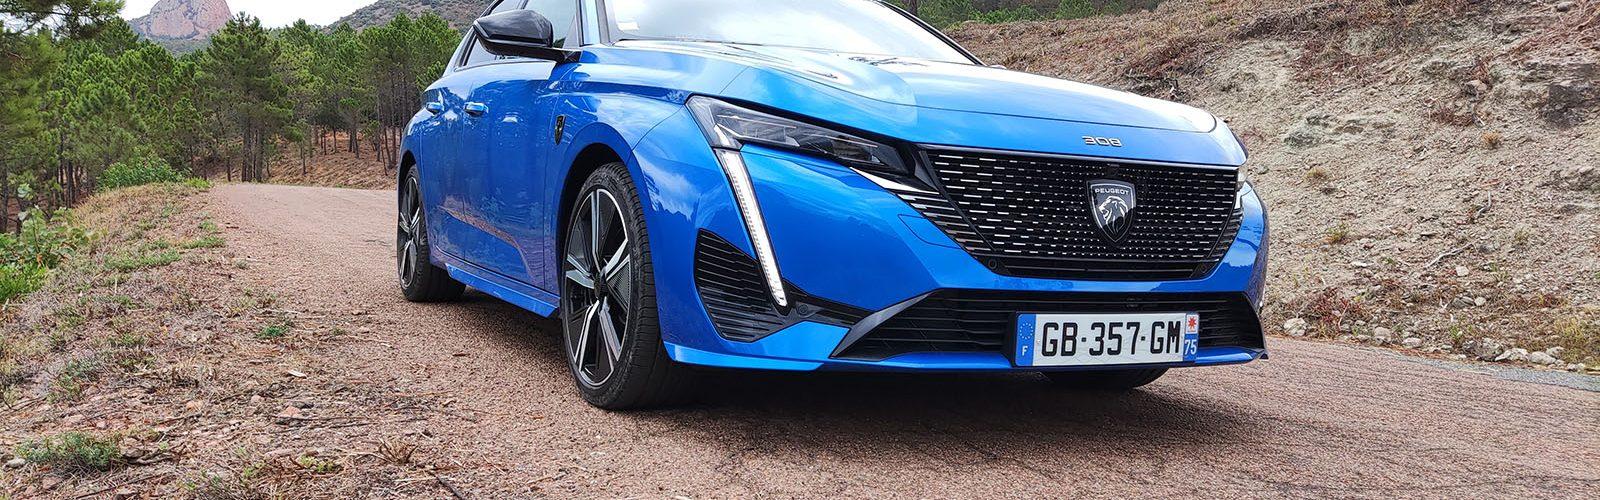 Essai nouvelle Peugeot 308 2021 hybride rechargeable 225 GT